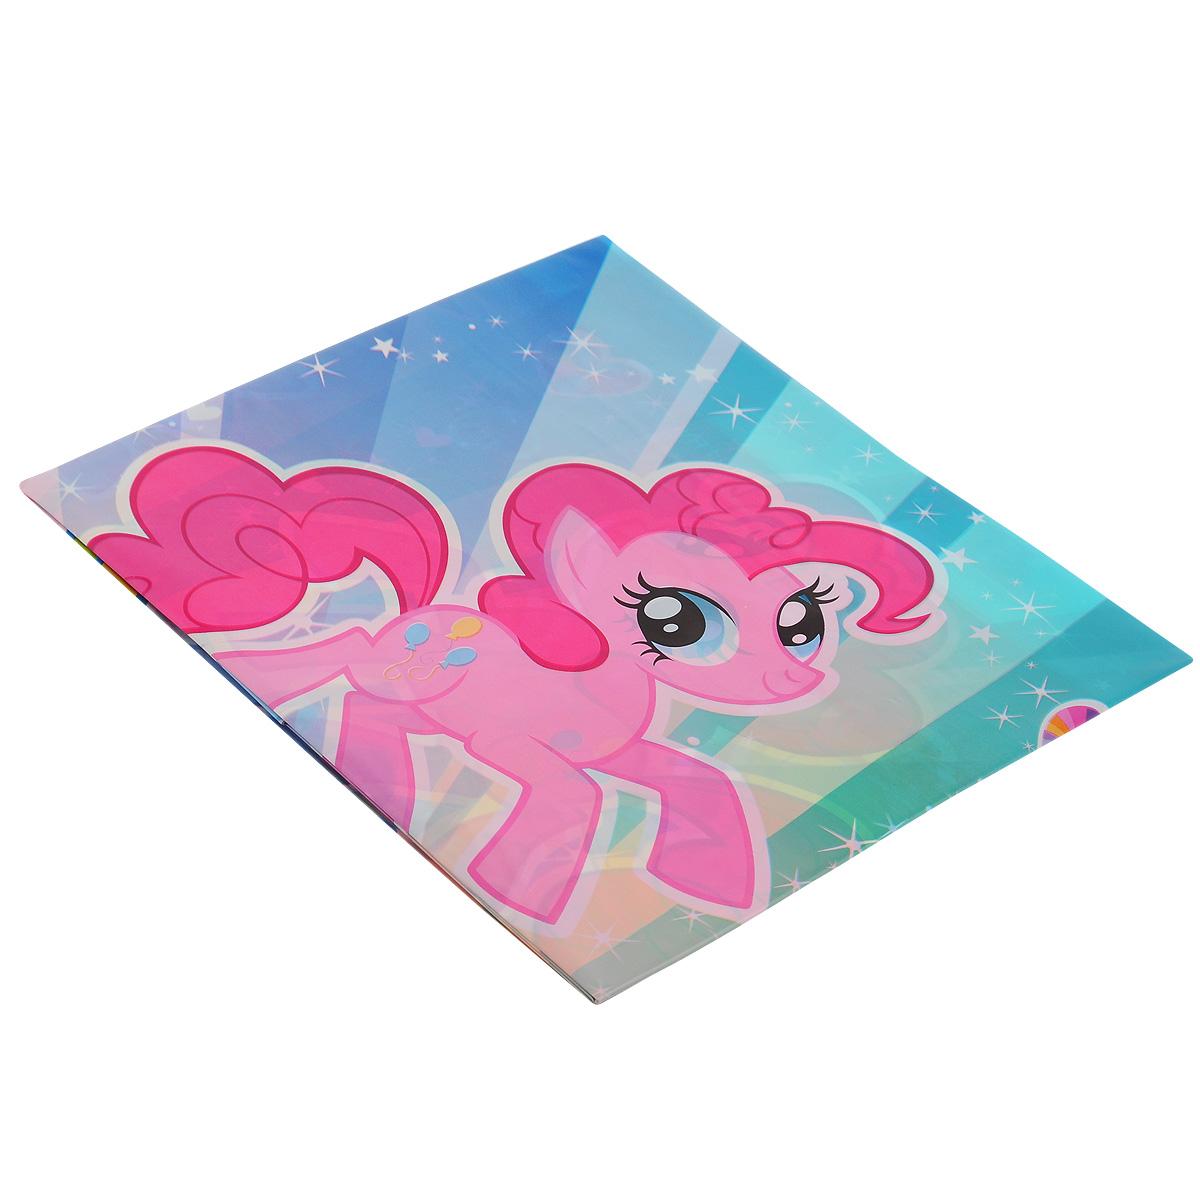 Скатерть My Little Pony, 140 см х 180 смSK-MLP-140-180Праздничная скатерть My Little Pony выполнена из полиэтилена и оформлена ярким рисунком. Скатерть будет незаменима при пользовании в поездках на природу, пикниках и других мероприятиях. Преимущество этой скатерти в том, что ее можно утилизировать сразу после праздника. Порадуйте своего ребенка, подарив ему яркий праздник! Этот незаменимый аксессуар поднимет настроение всем гостям! Размер: 140 см х 180 см.